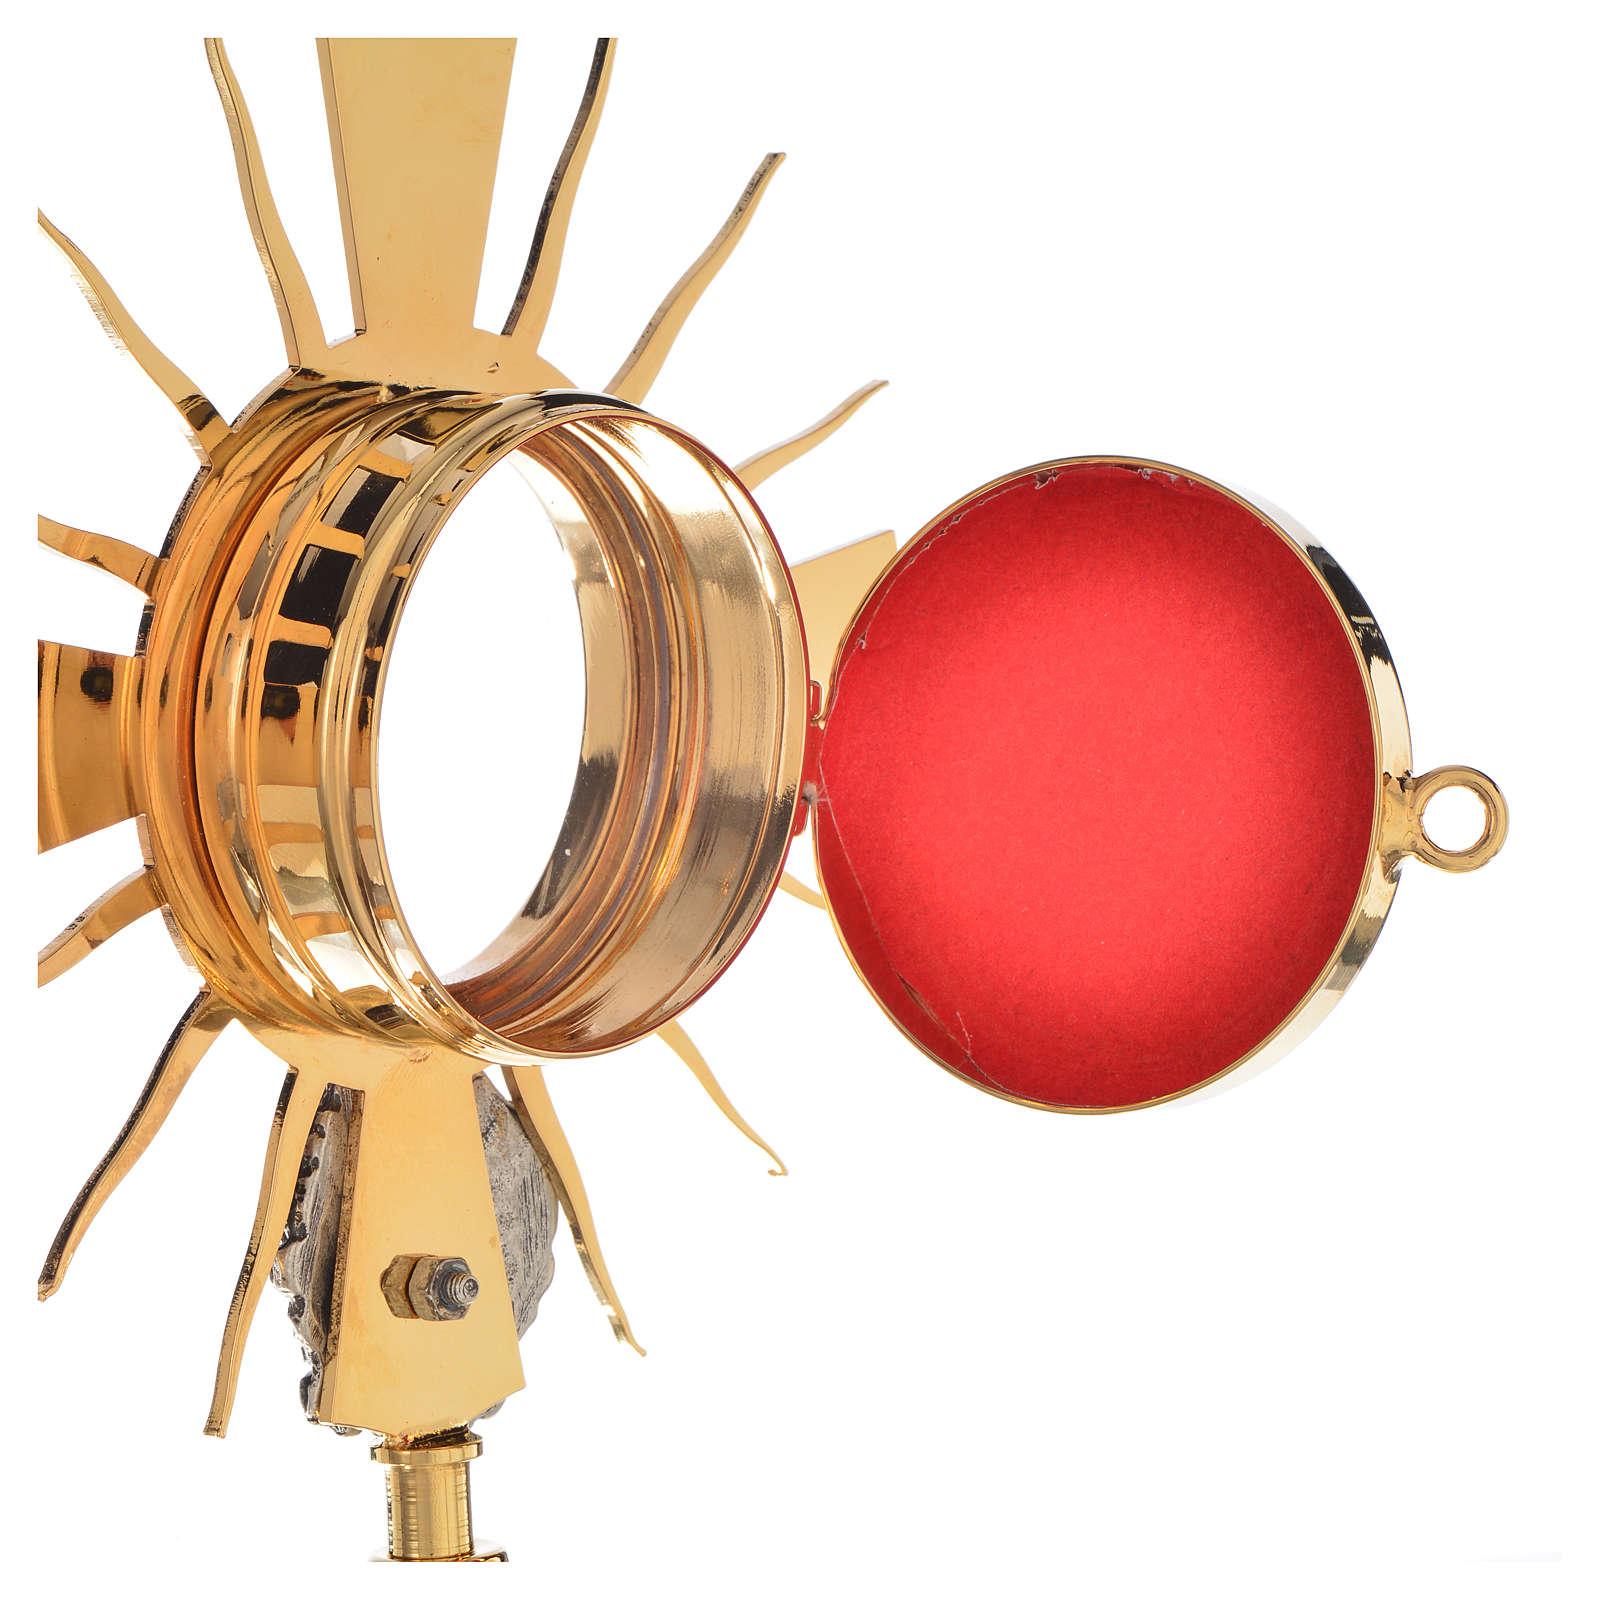 Portareliquia ottone dorato, putto argentato h20cm 4